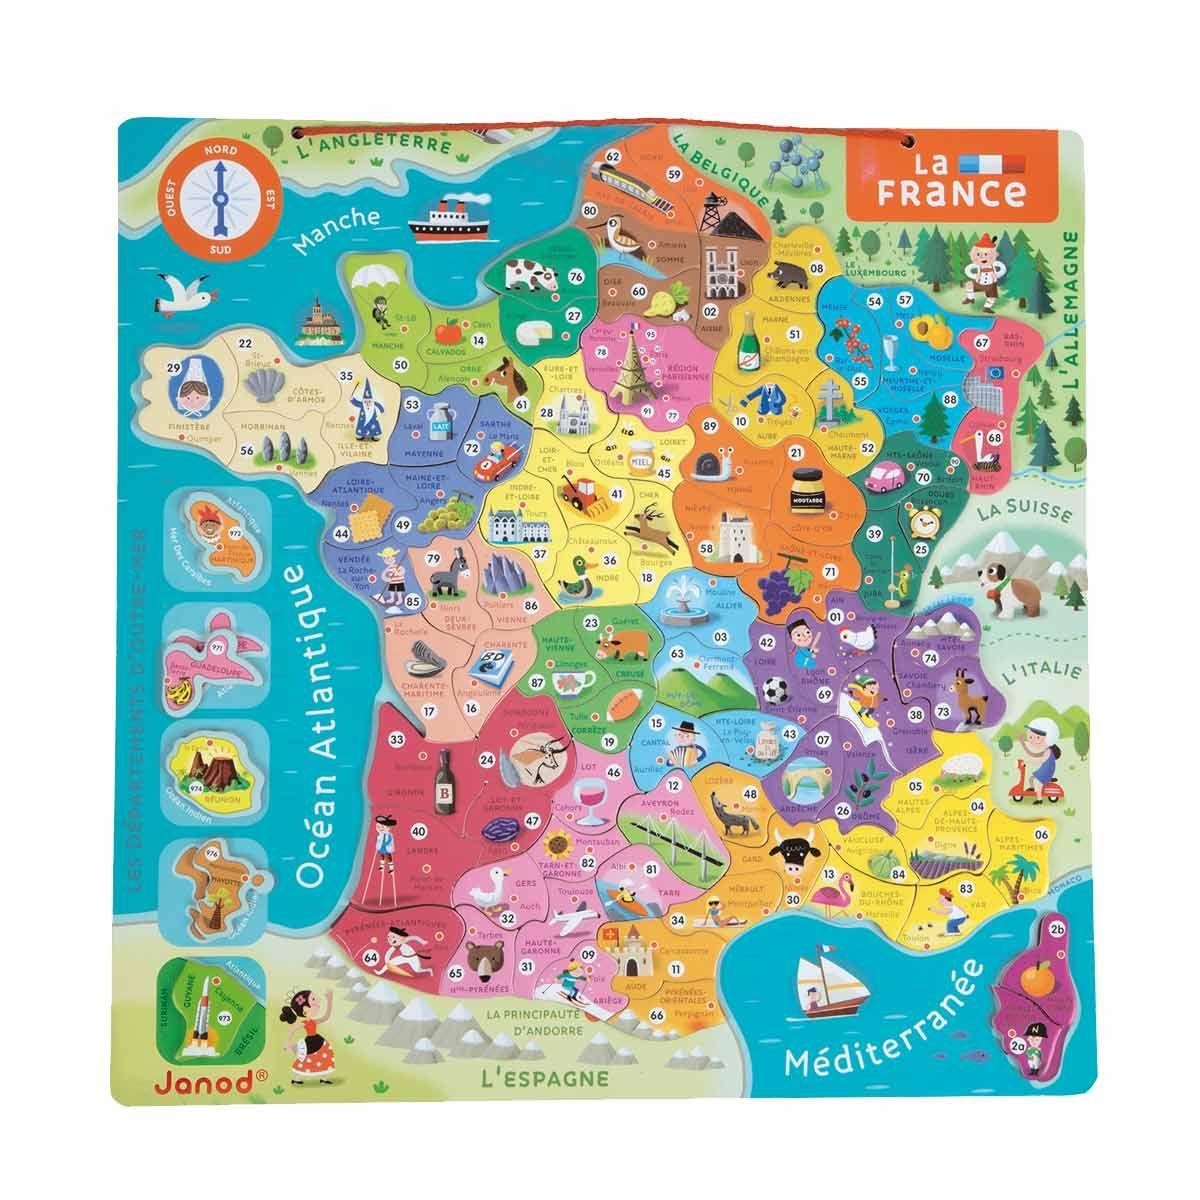 Carte De France Magnétique Pour Enfant De 7 Ans À 12 Ans avec Carte De France Pour Enfant